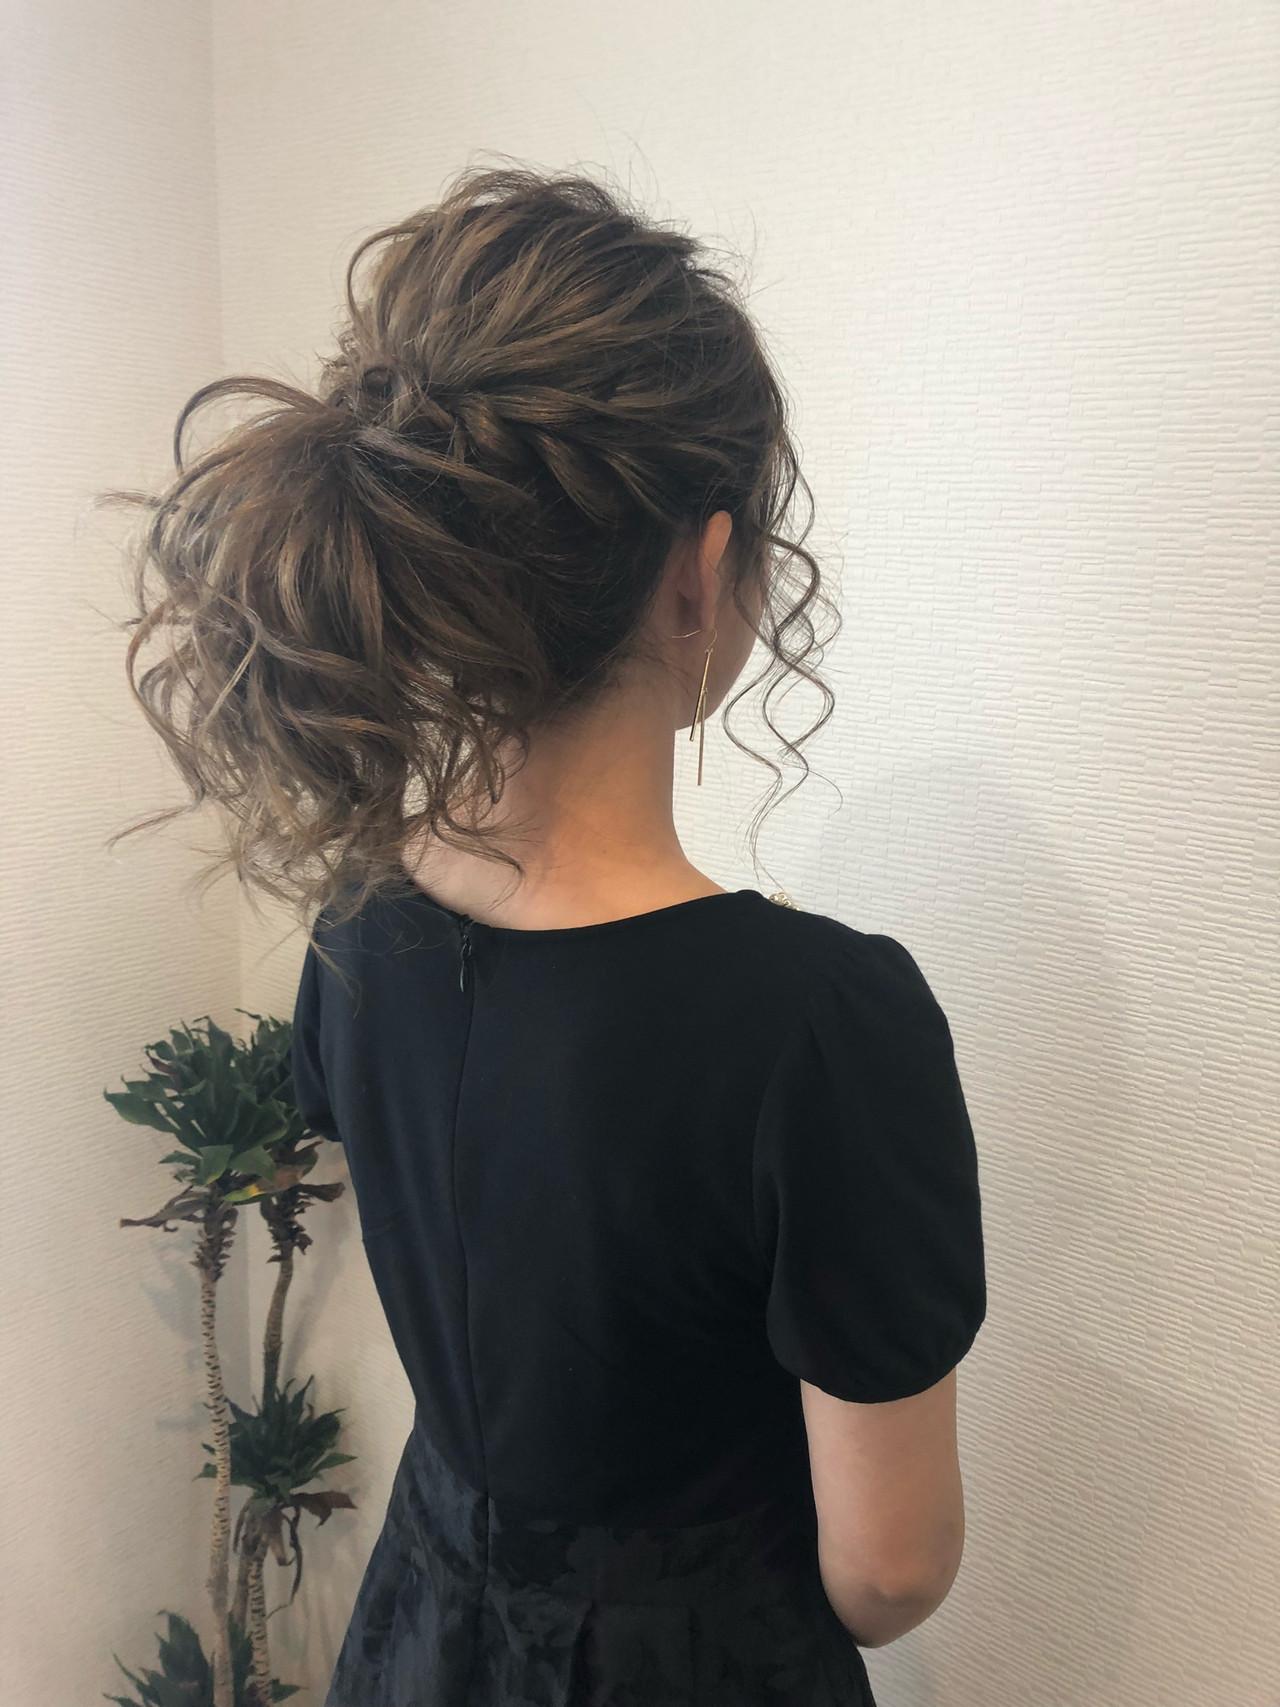 ねじり ミディアム ポニーテールアレンジ フェミニン ヘアスタイルや髪型の写真・画像